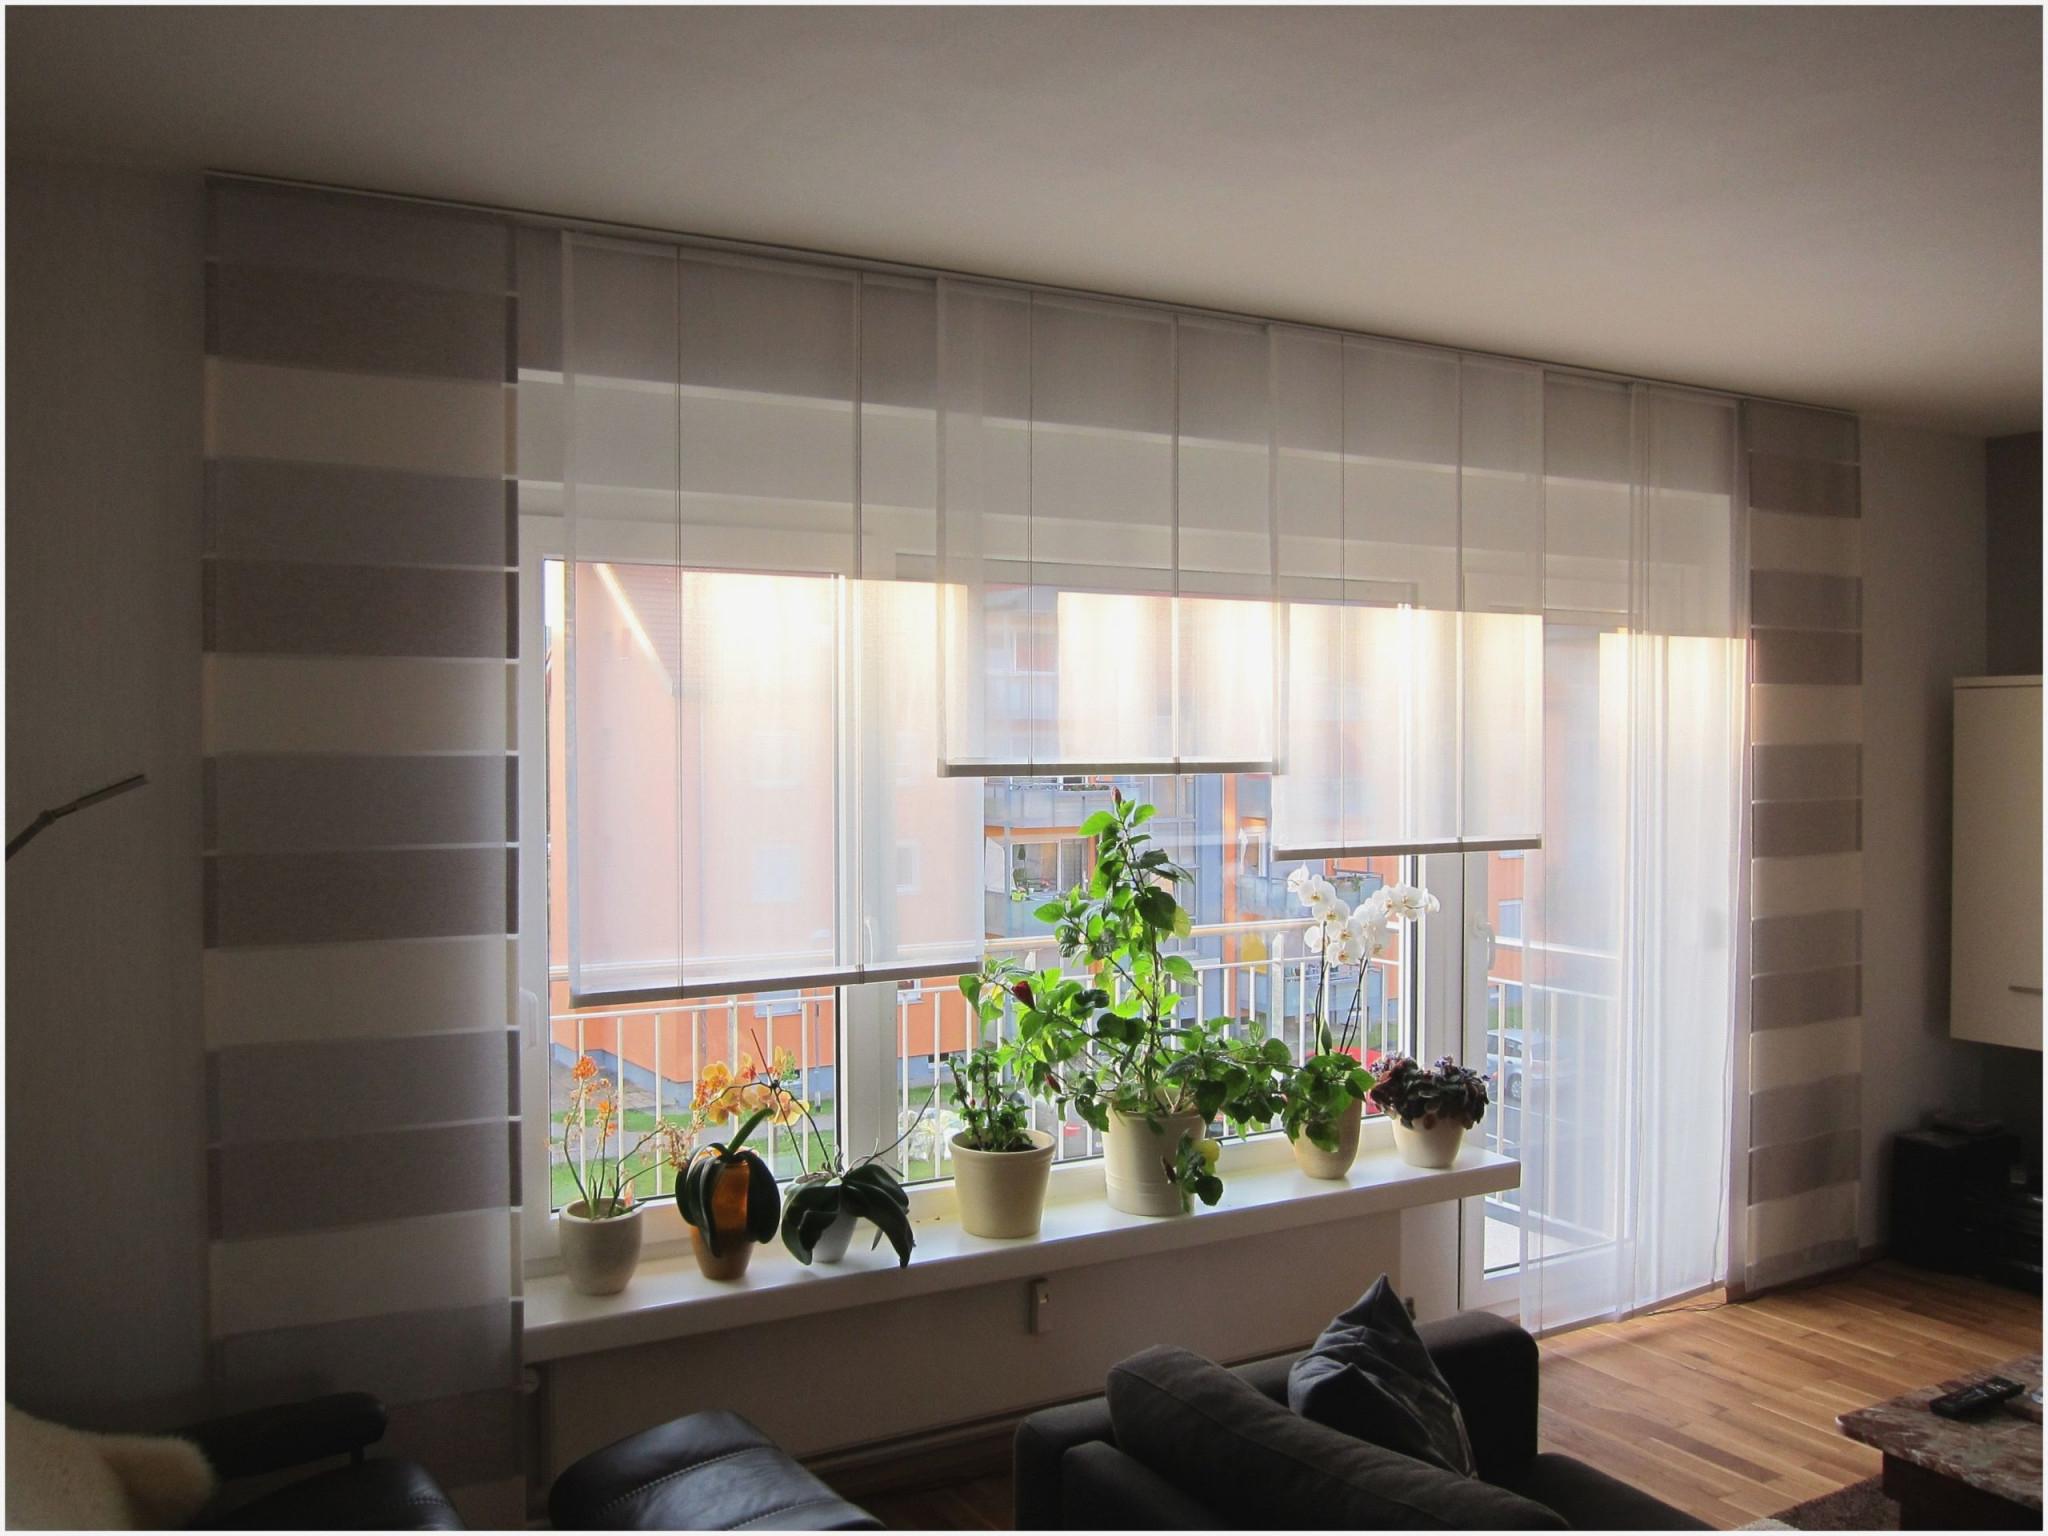 Wohnzimmer Vorhange Fenster – Caseconrad von Wohnzimmer Fensterfront Gardinen Photo